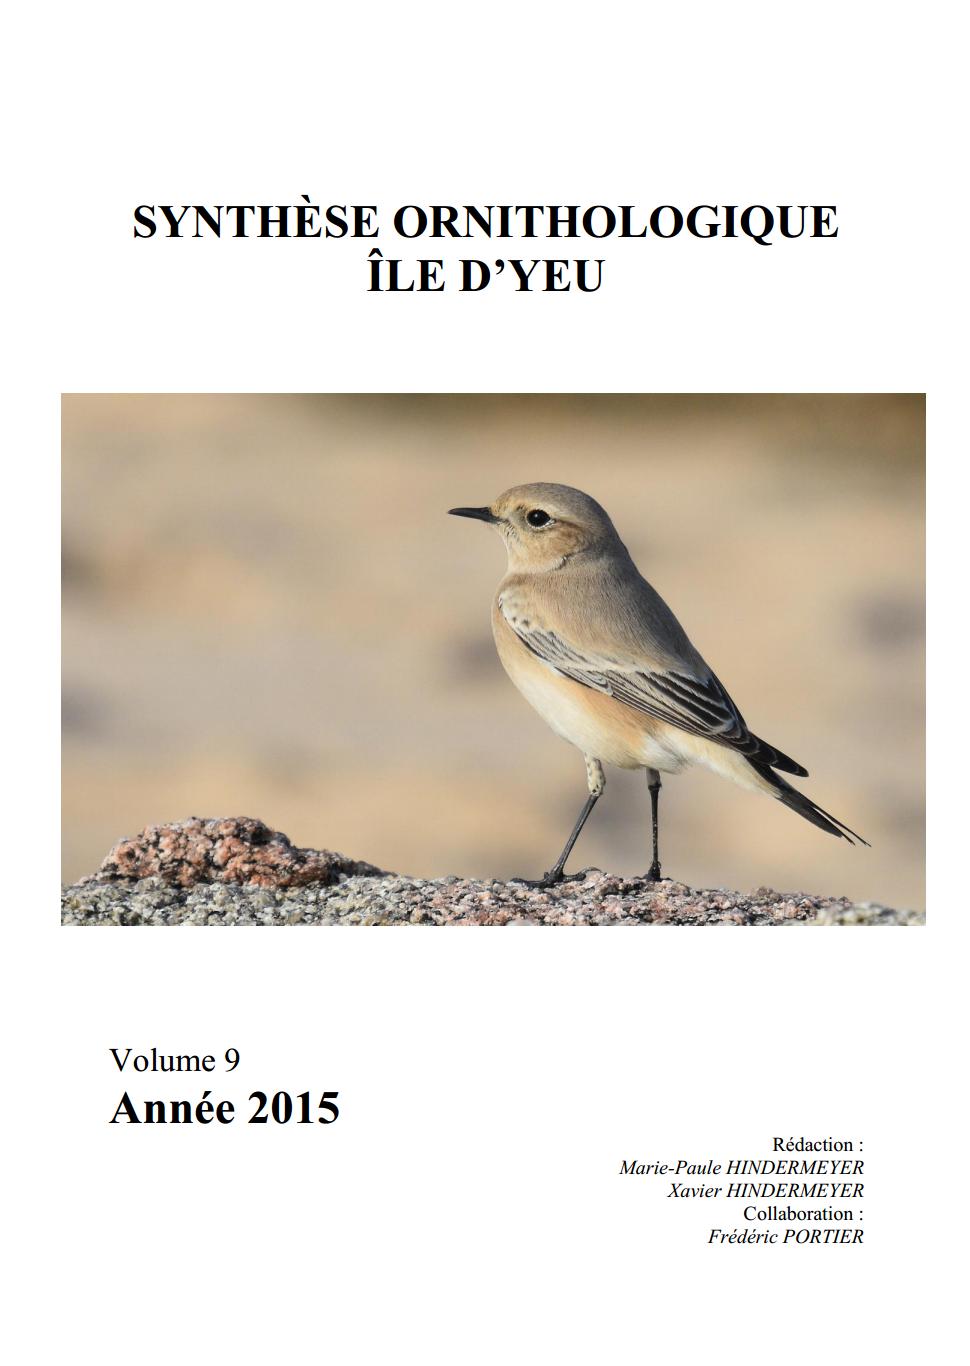 https://cdnfiles2.biolovision.net/www.faune-vendee.org/userfiles/Yeu/yeu2015.PNG